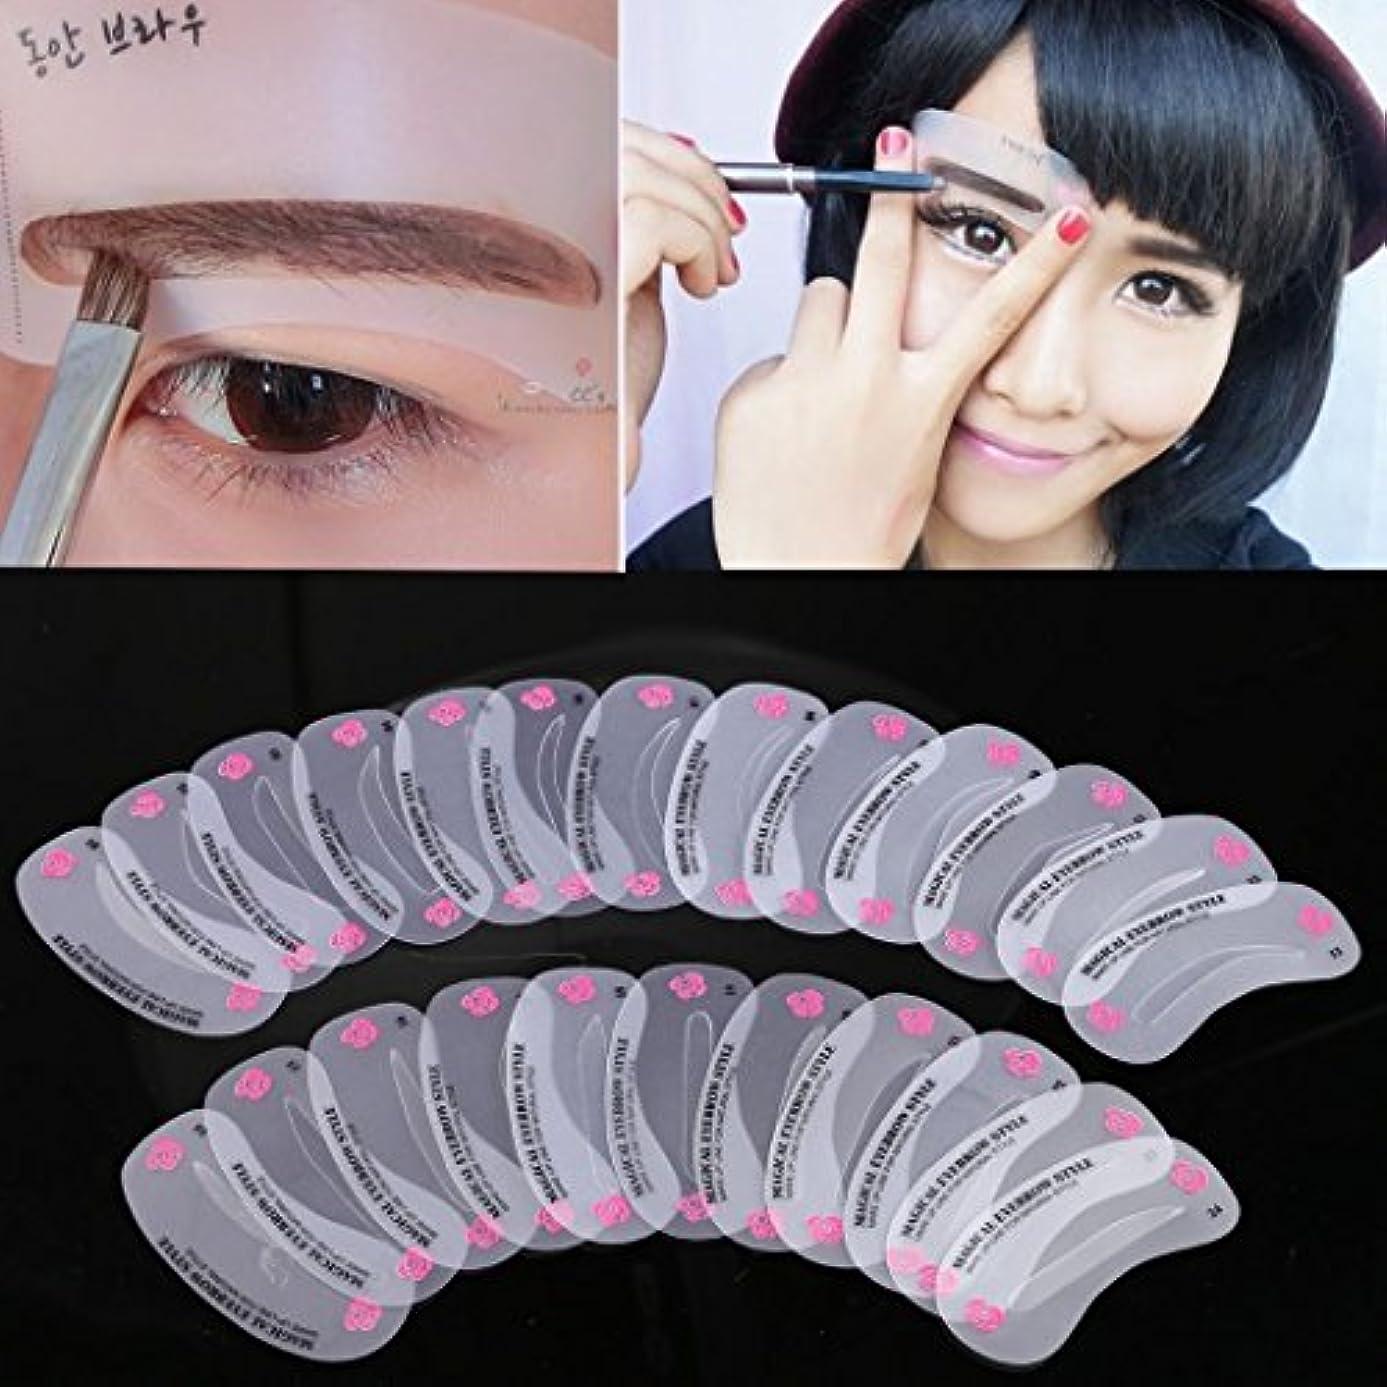 証書クーポン数学的な24種類の眉毛のスタイルは、グルーミングステンシルを設定するメイクアップシェイプキット眉毛